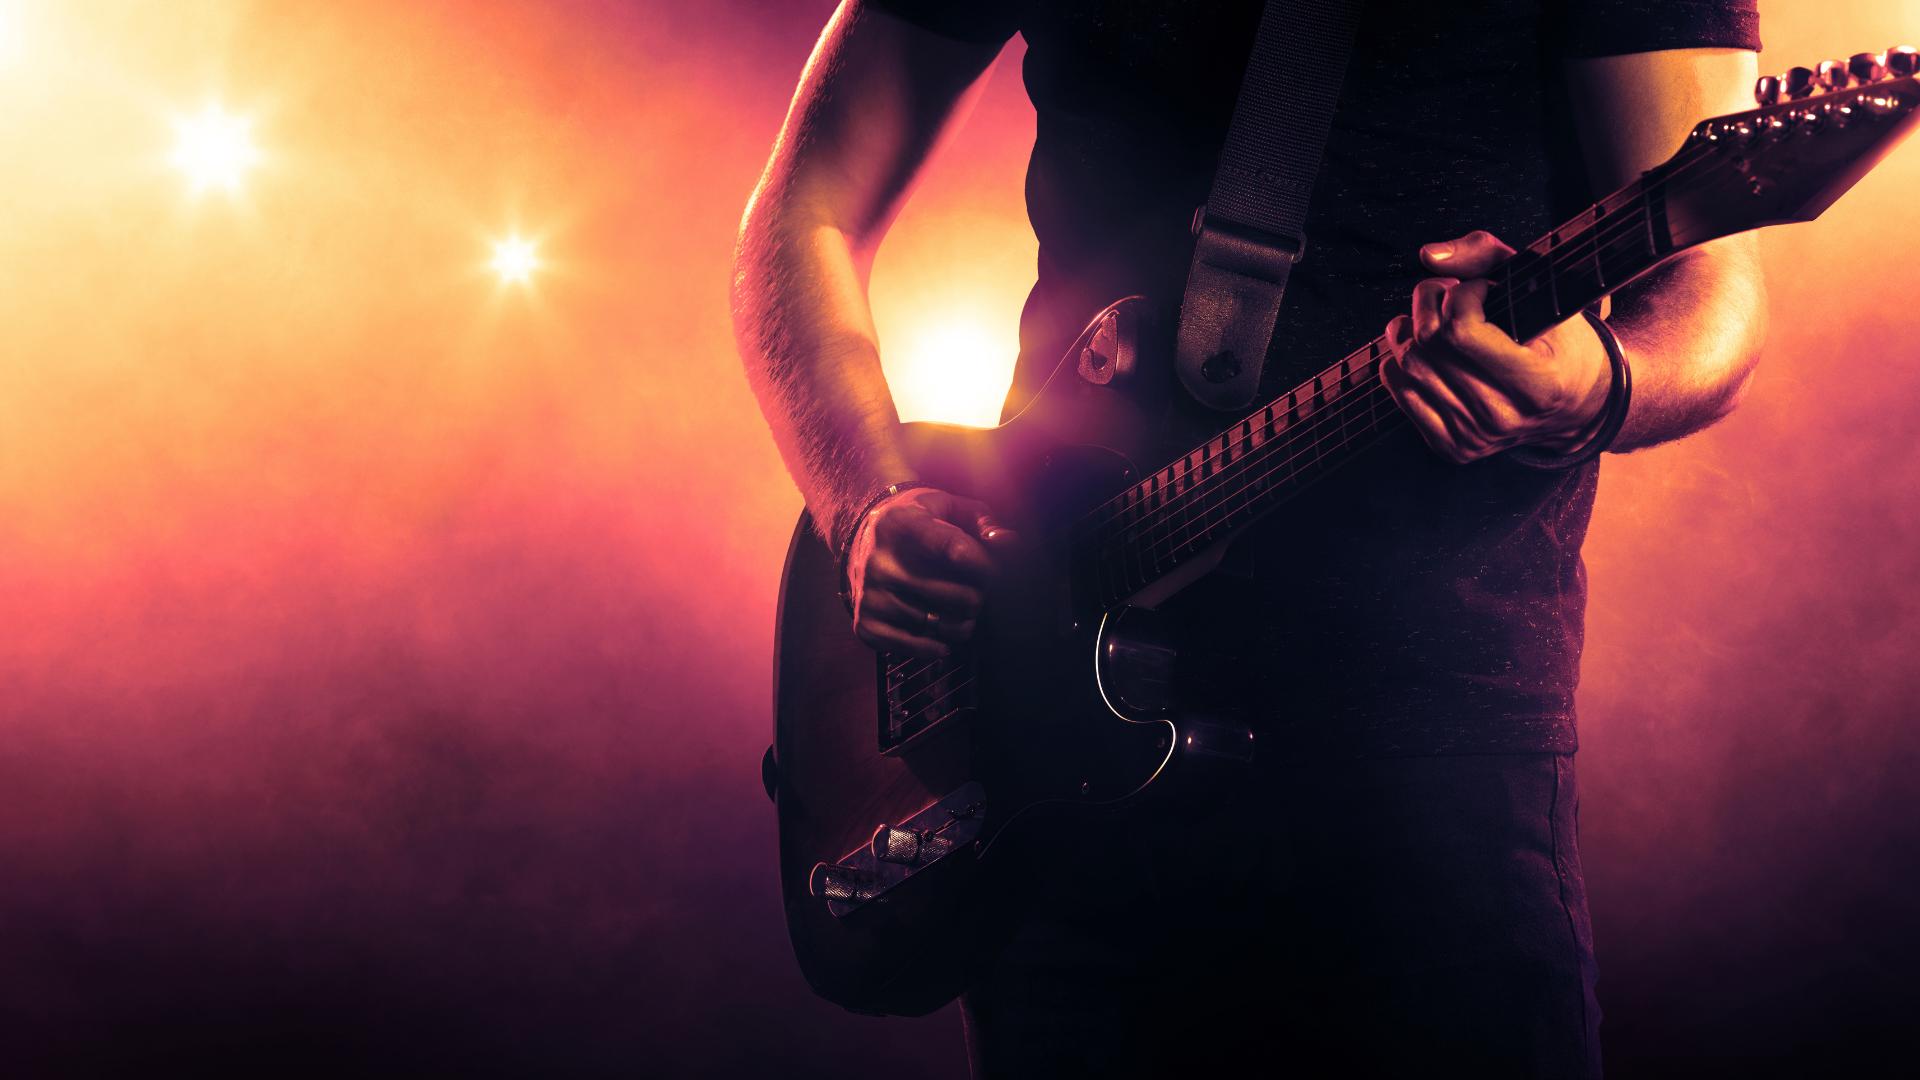 gitaar tom vanstiphout